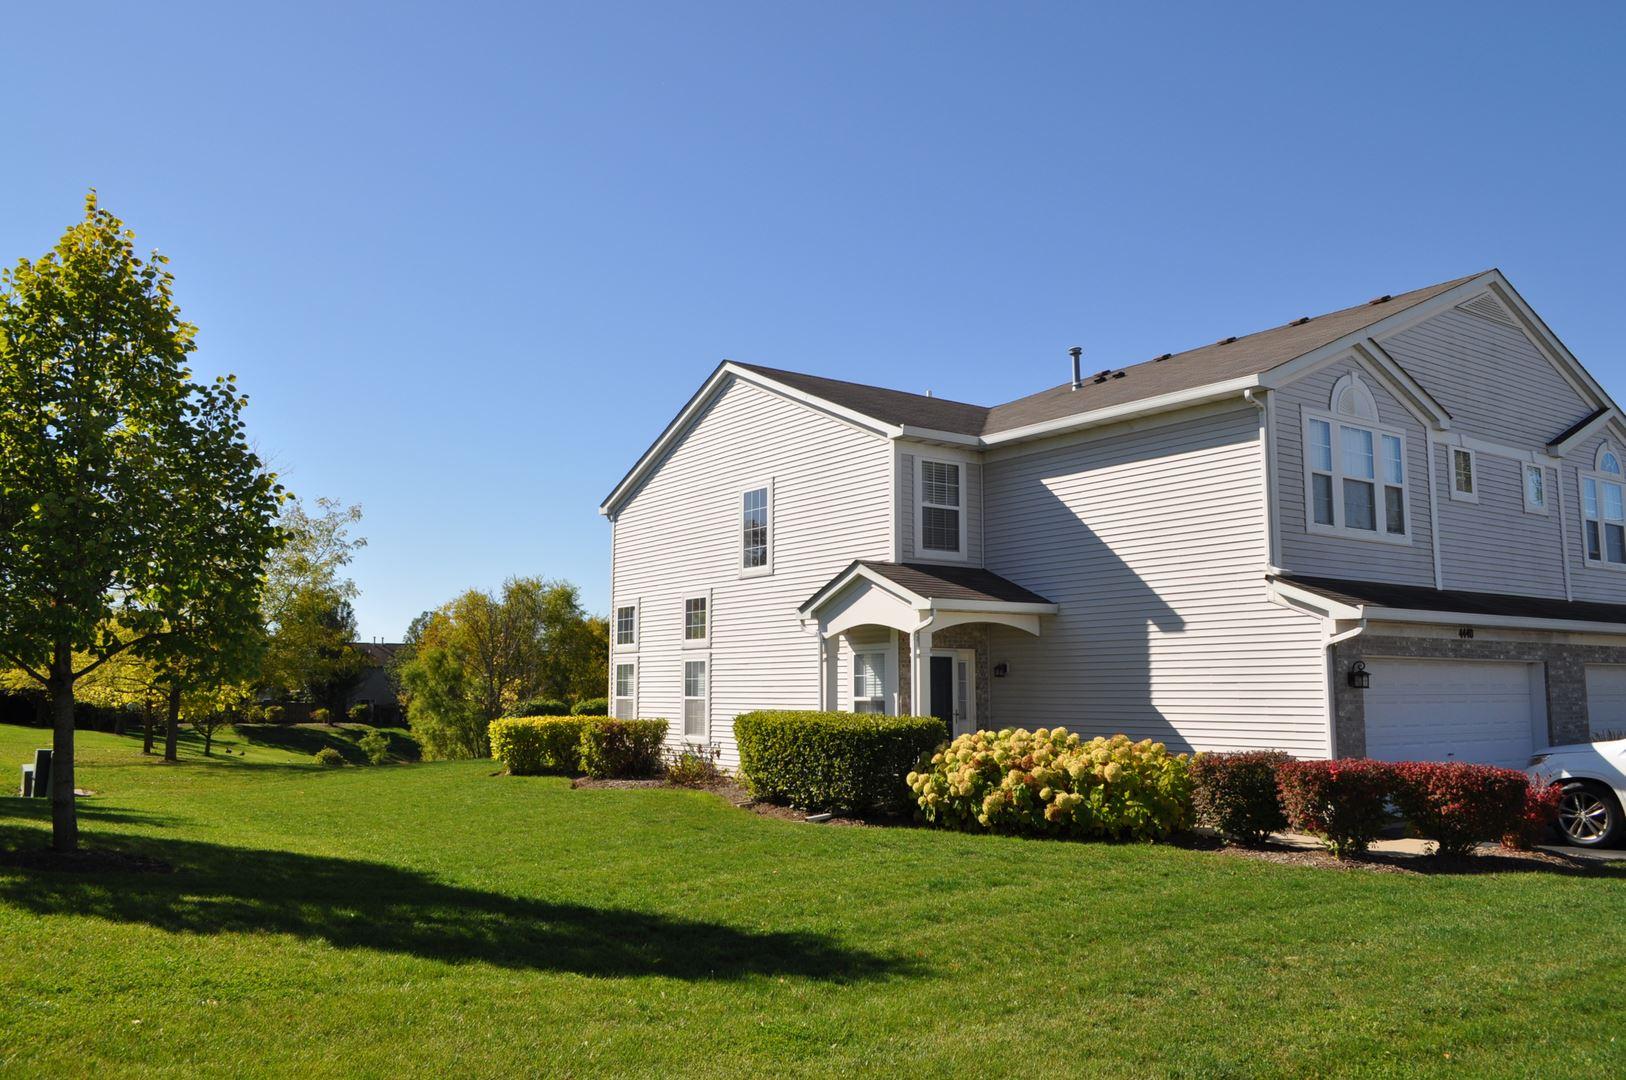 4440 Princeton Lane #4440, Lake in the Hills, IL 60156 - #: 10895631